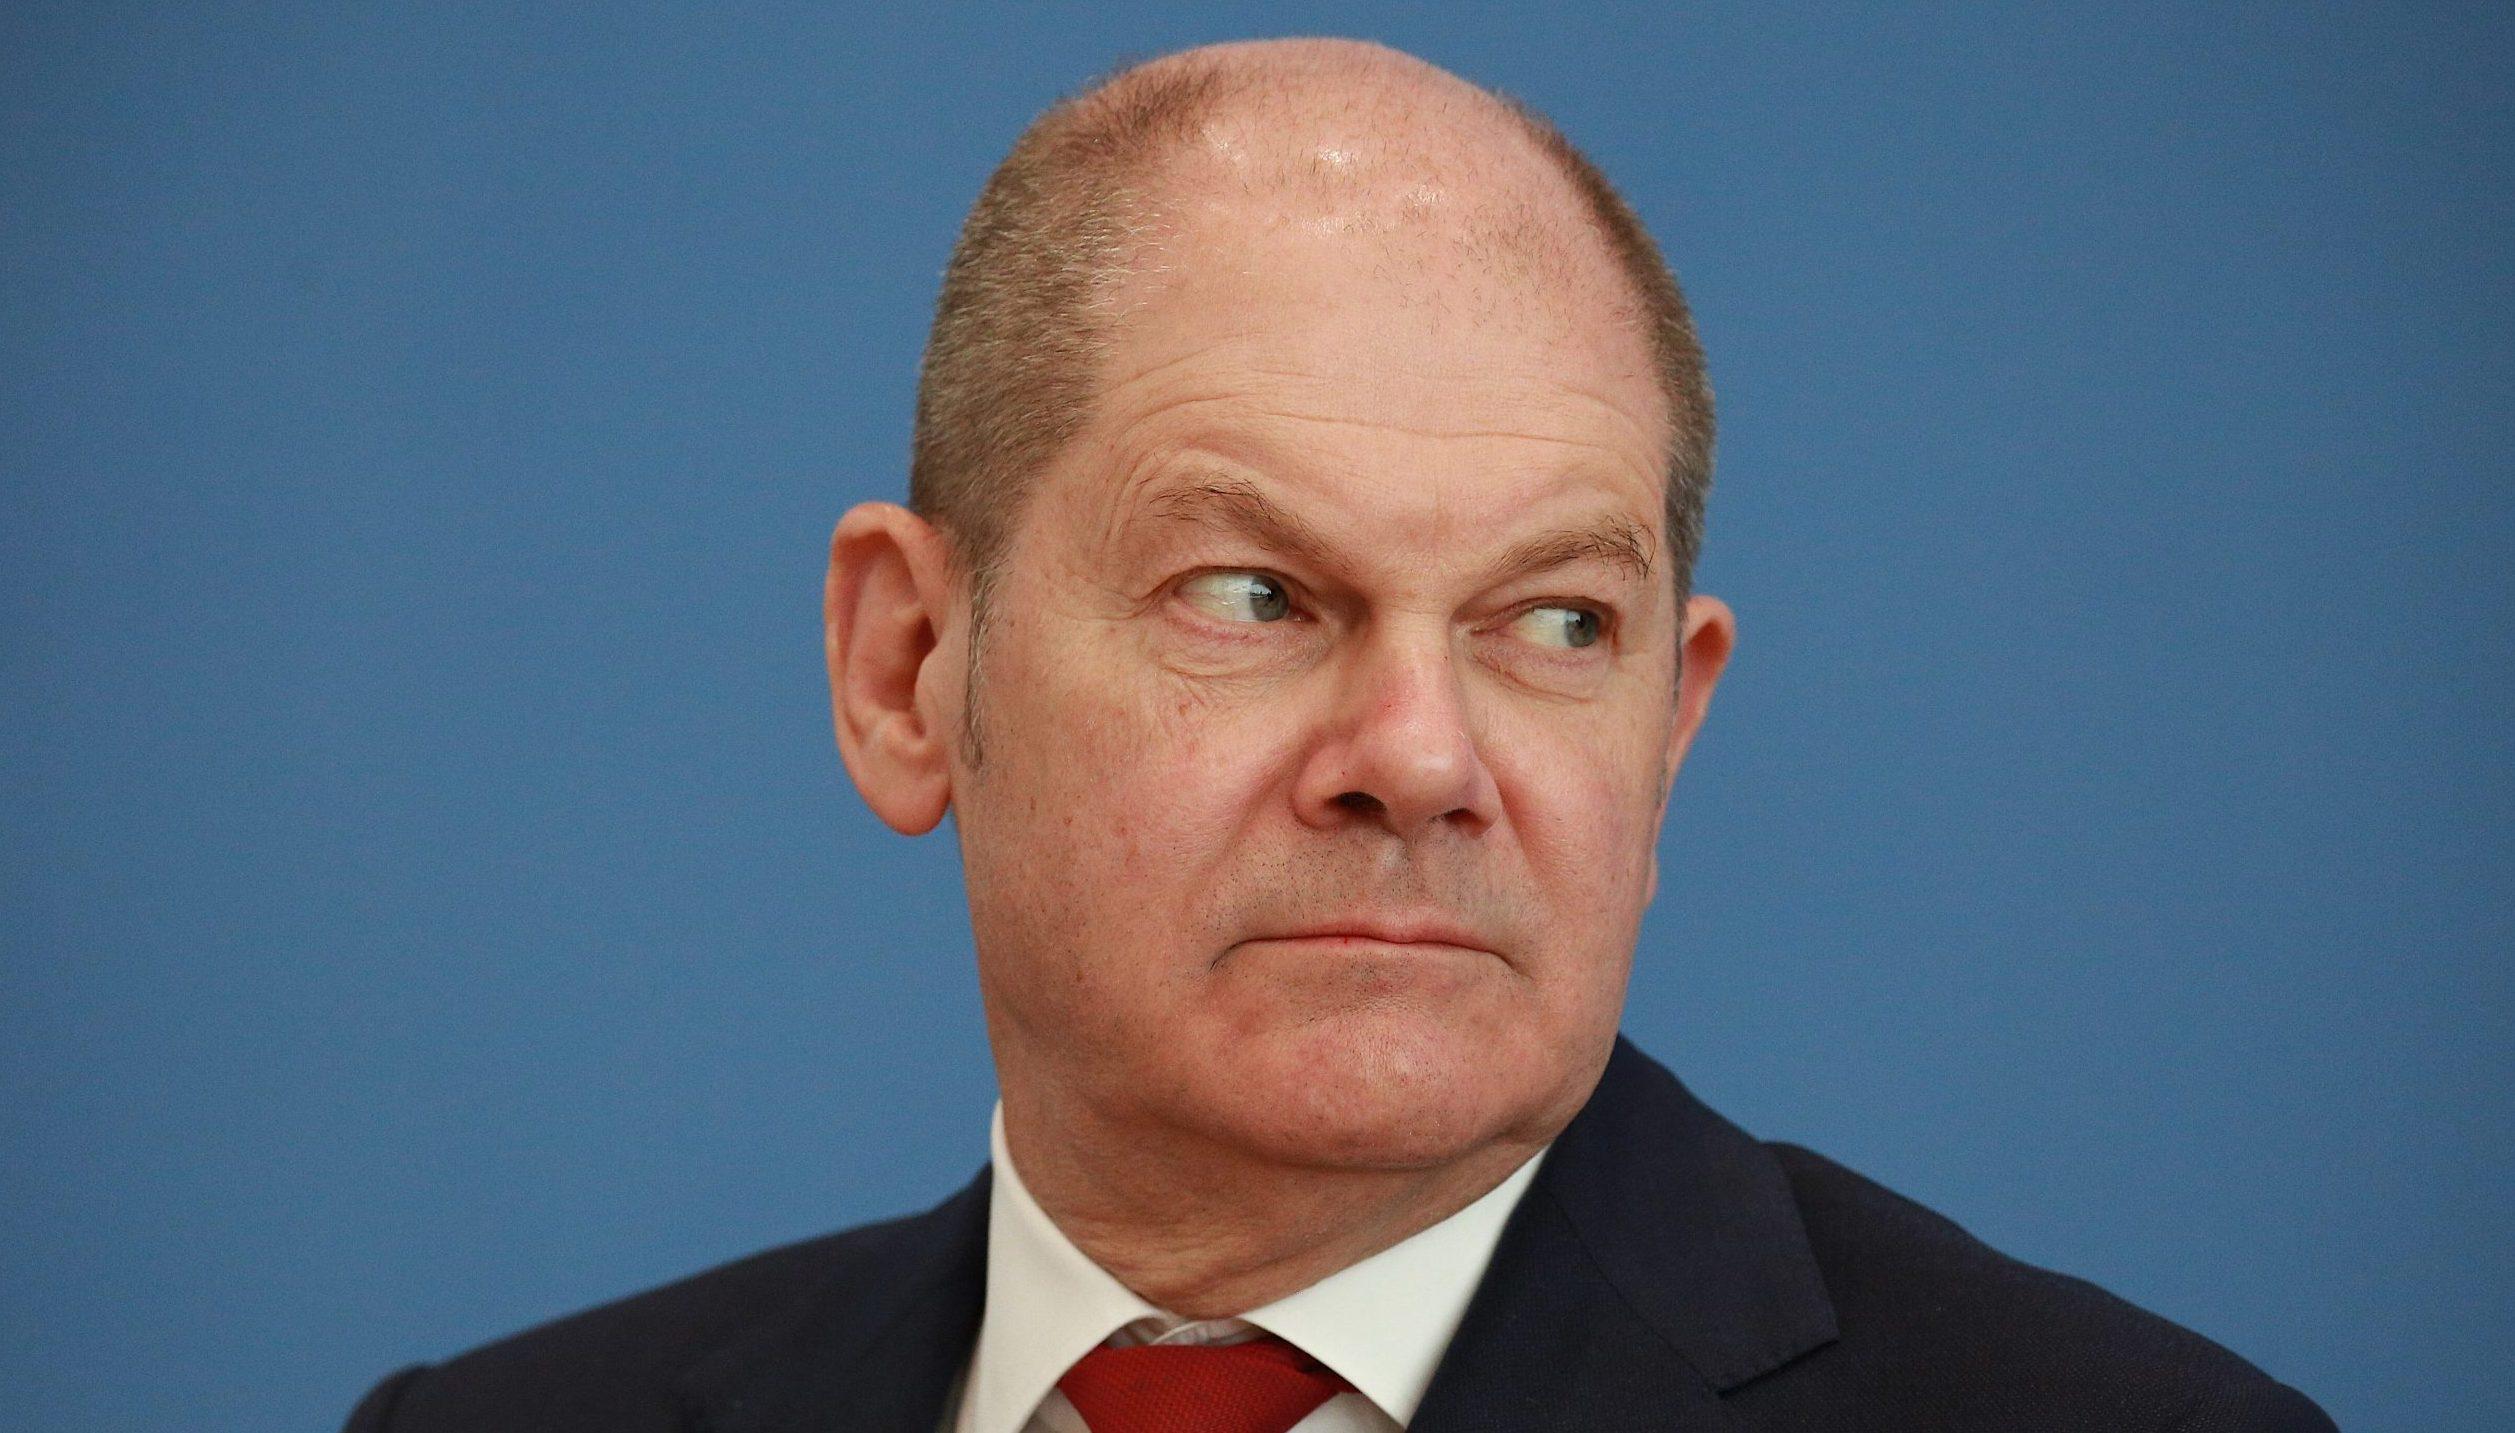 """Scholz setzt auf neue Mehrheiten """"diesseits der Union"""" – Walter-Borjans attestiert Unions-Ministern """"Leistungsdefizite"""""""